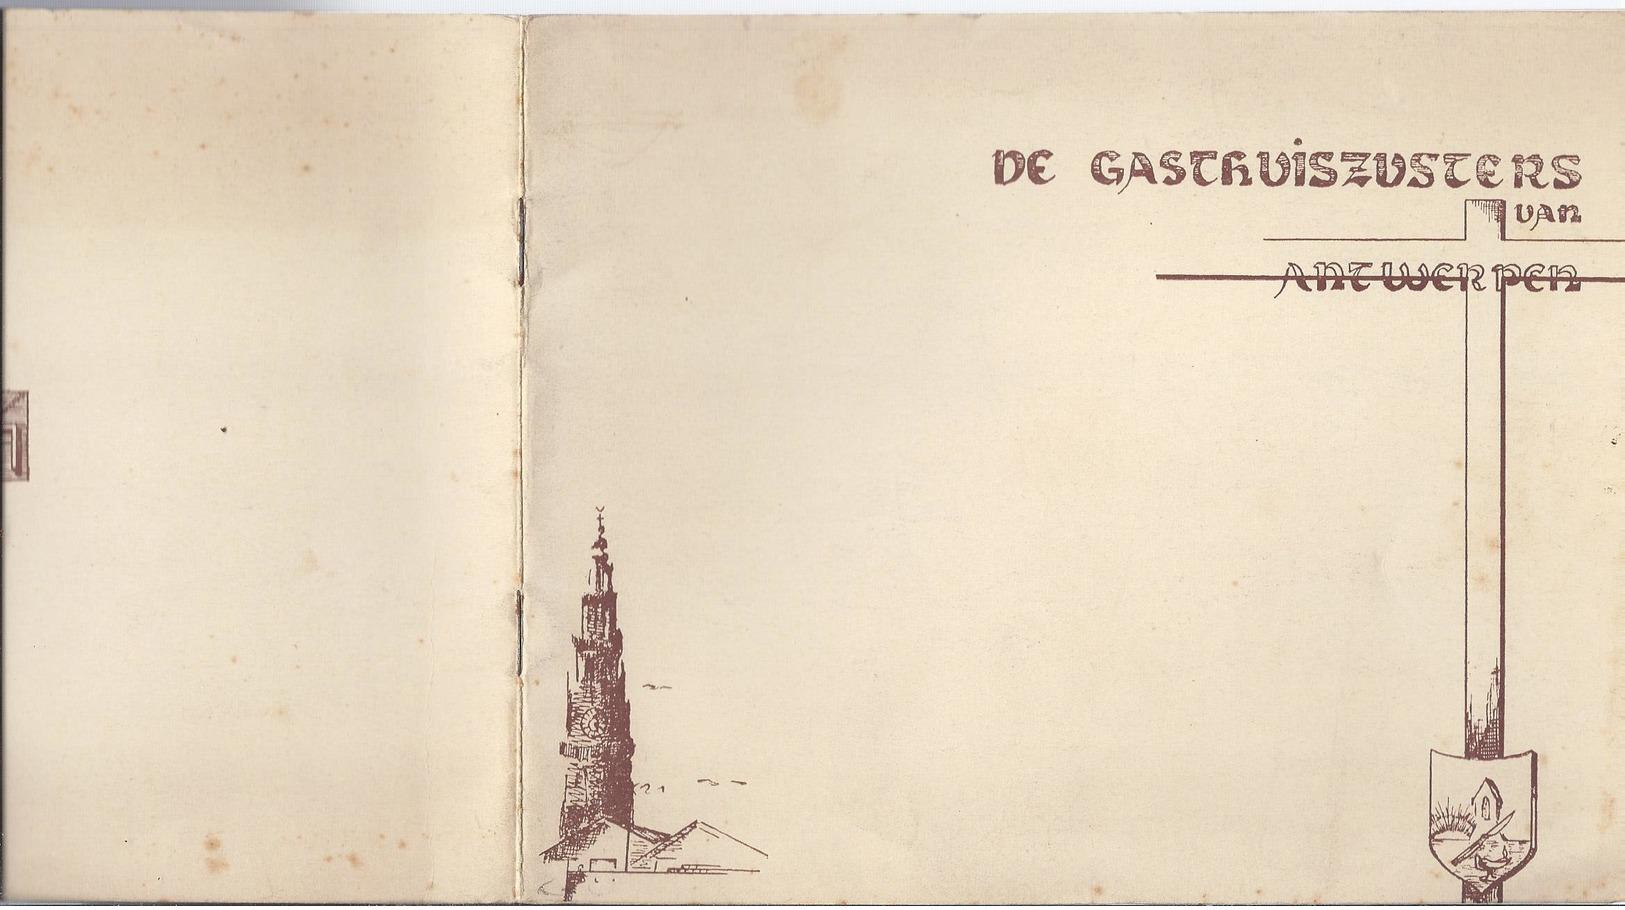 DE GASTHUISZUSTERS VAN ANTWERPEN - ST. CAMILLUS GESTICHT ST. GABRIEL MOEDERHUIS NOVICIAAT ESSEN ST. JOZEFSKLINIEK ... - Histoire